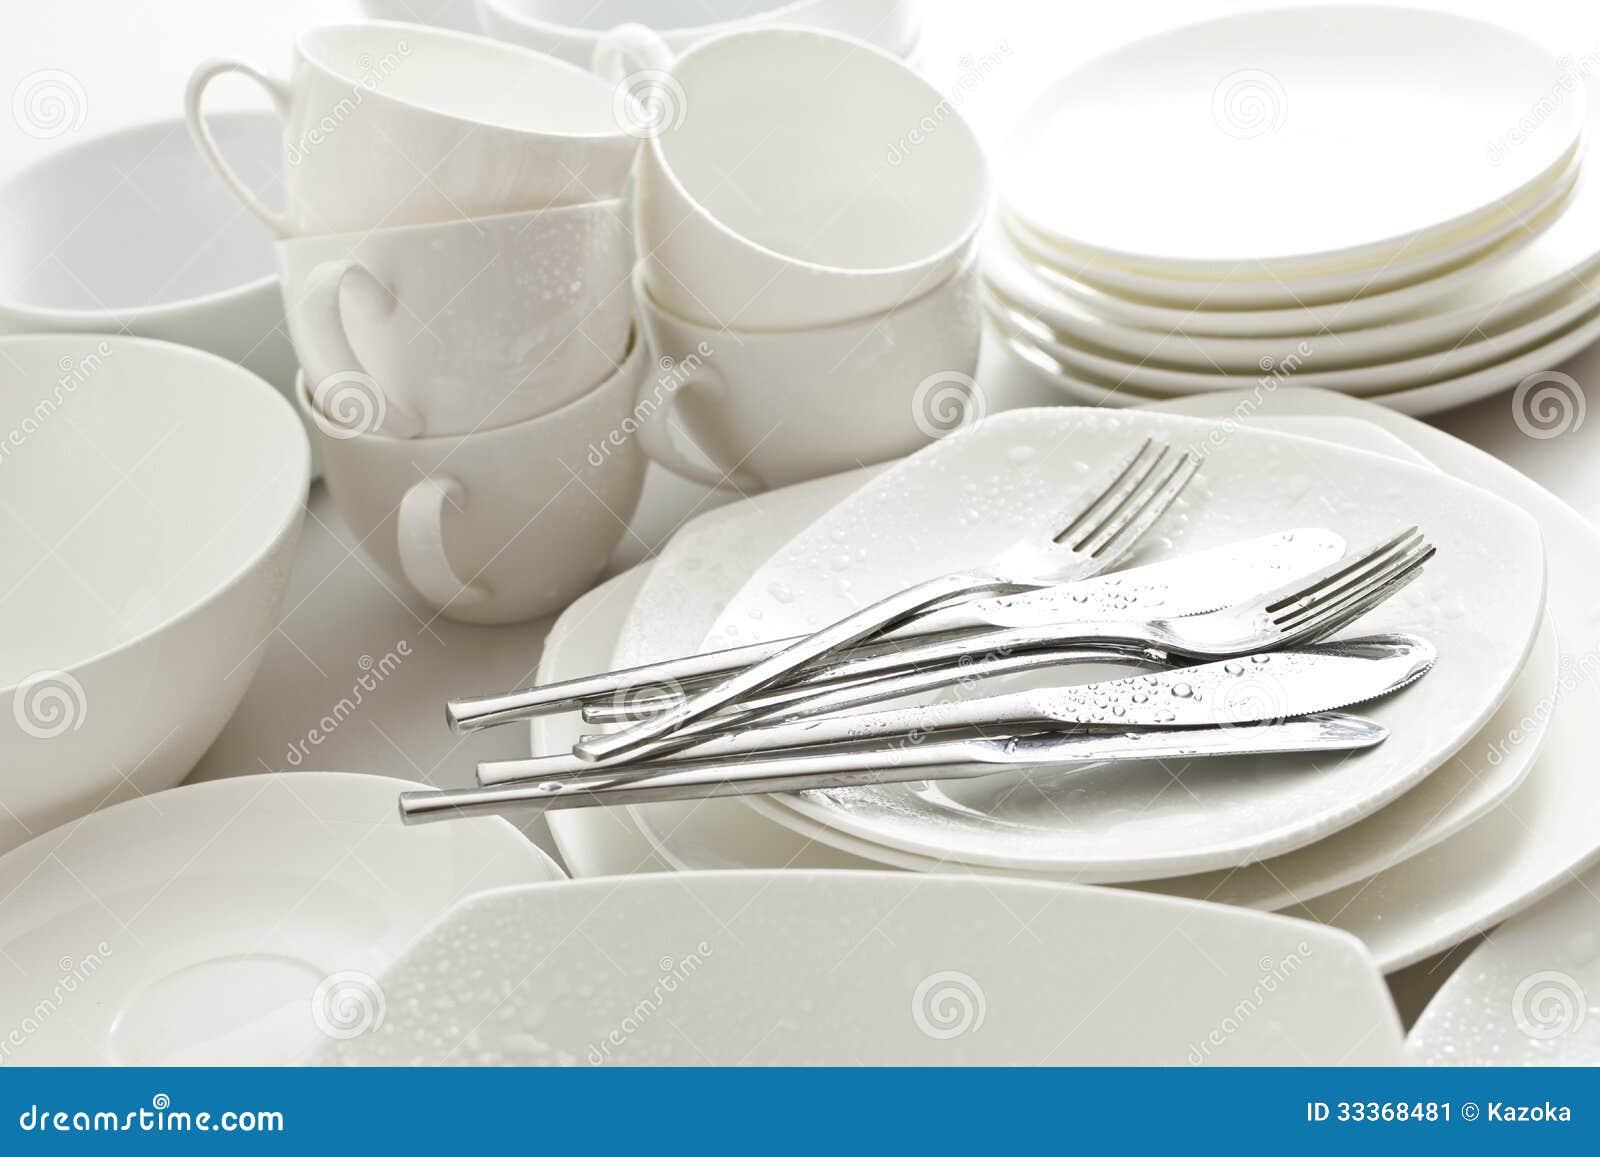 loza cocina imagen de archivo imagen 33368481